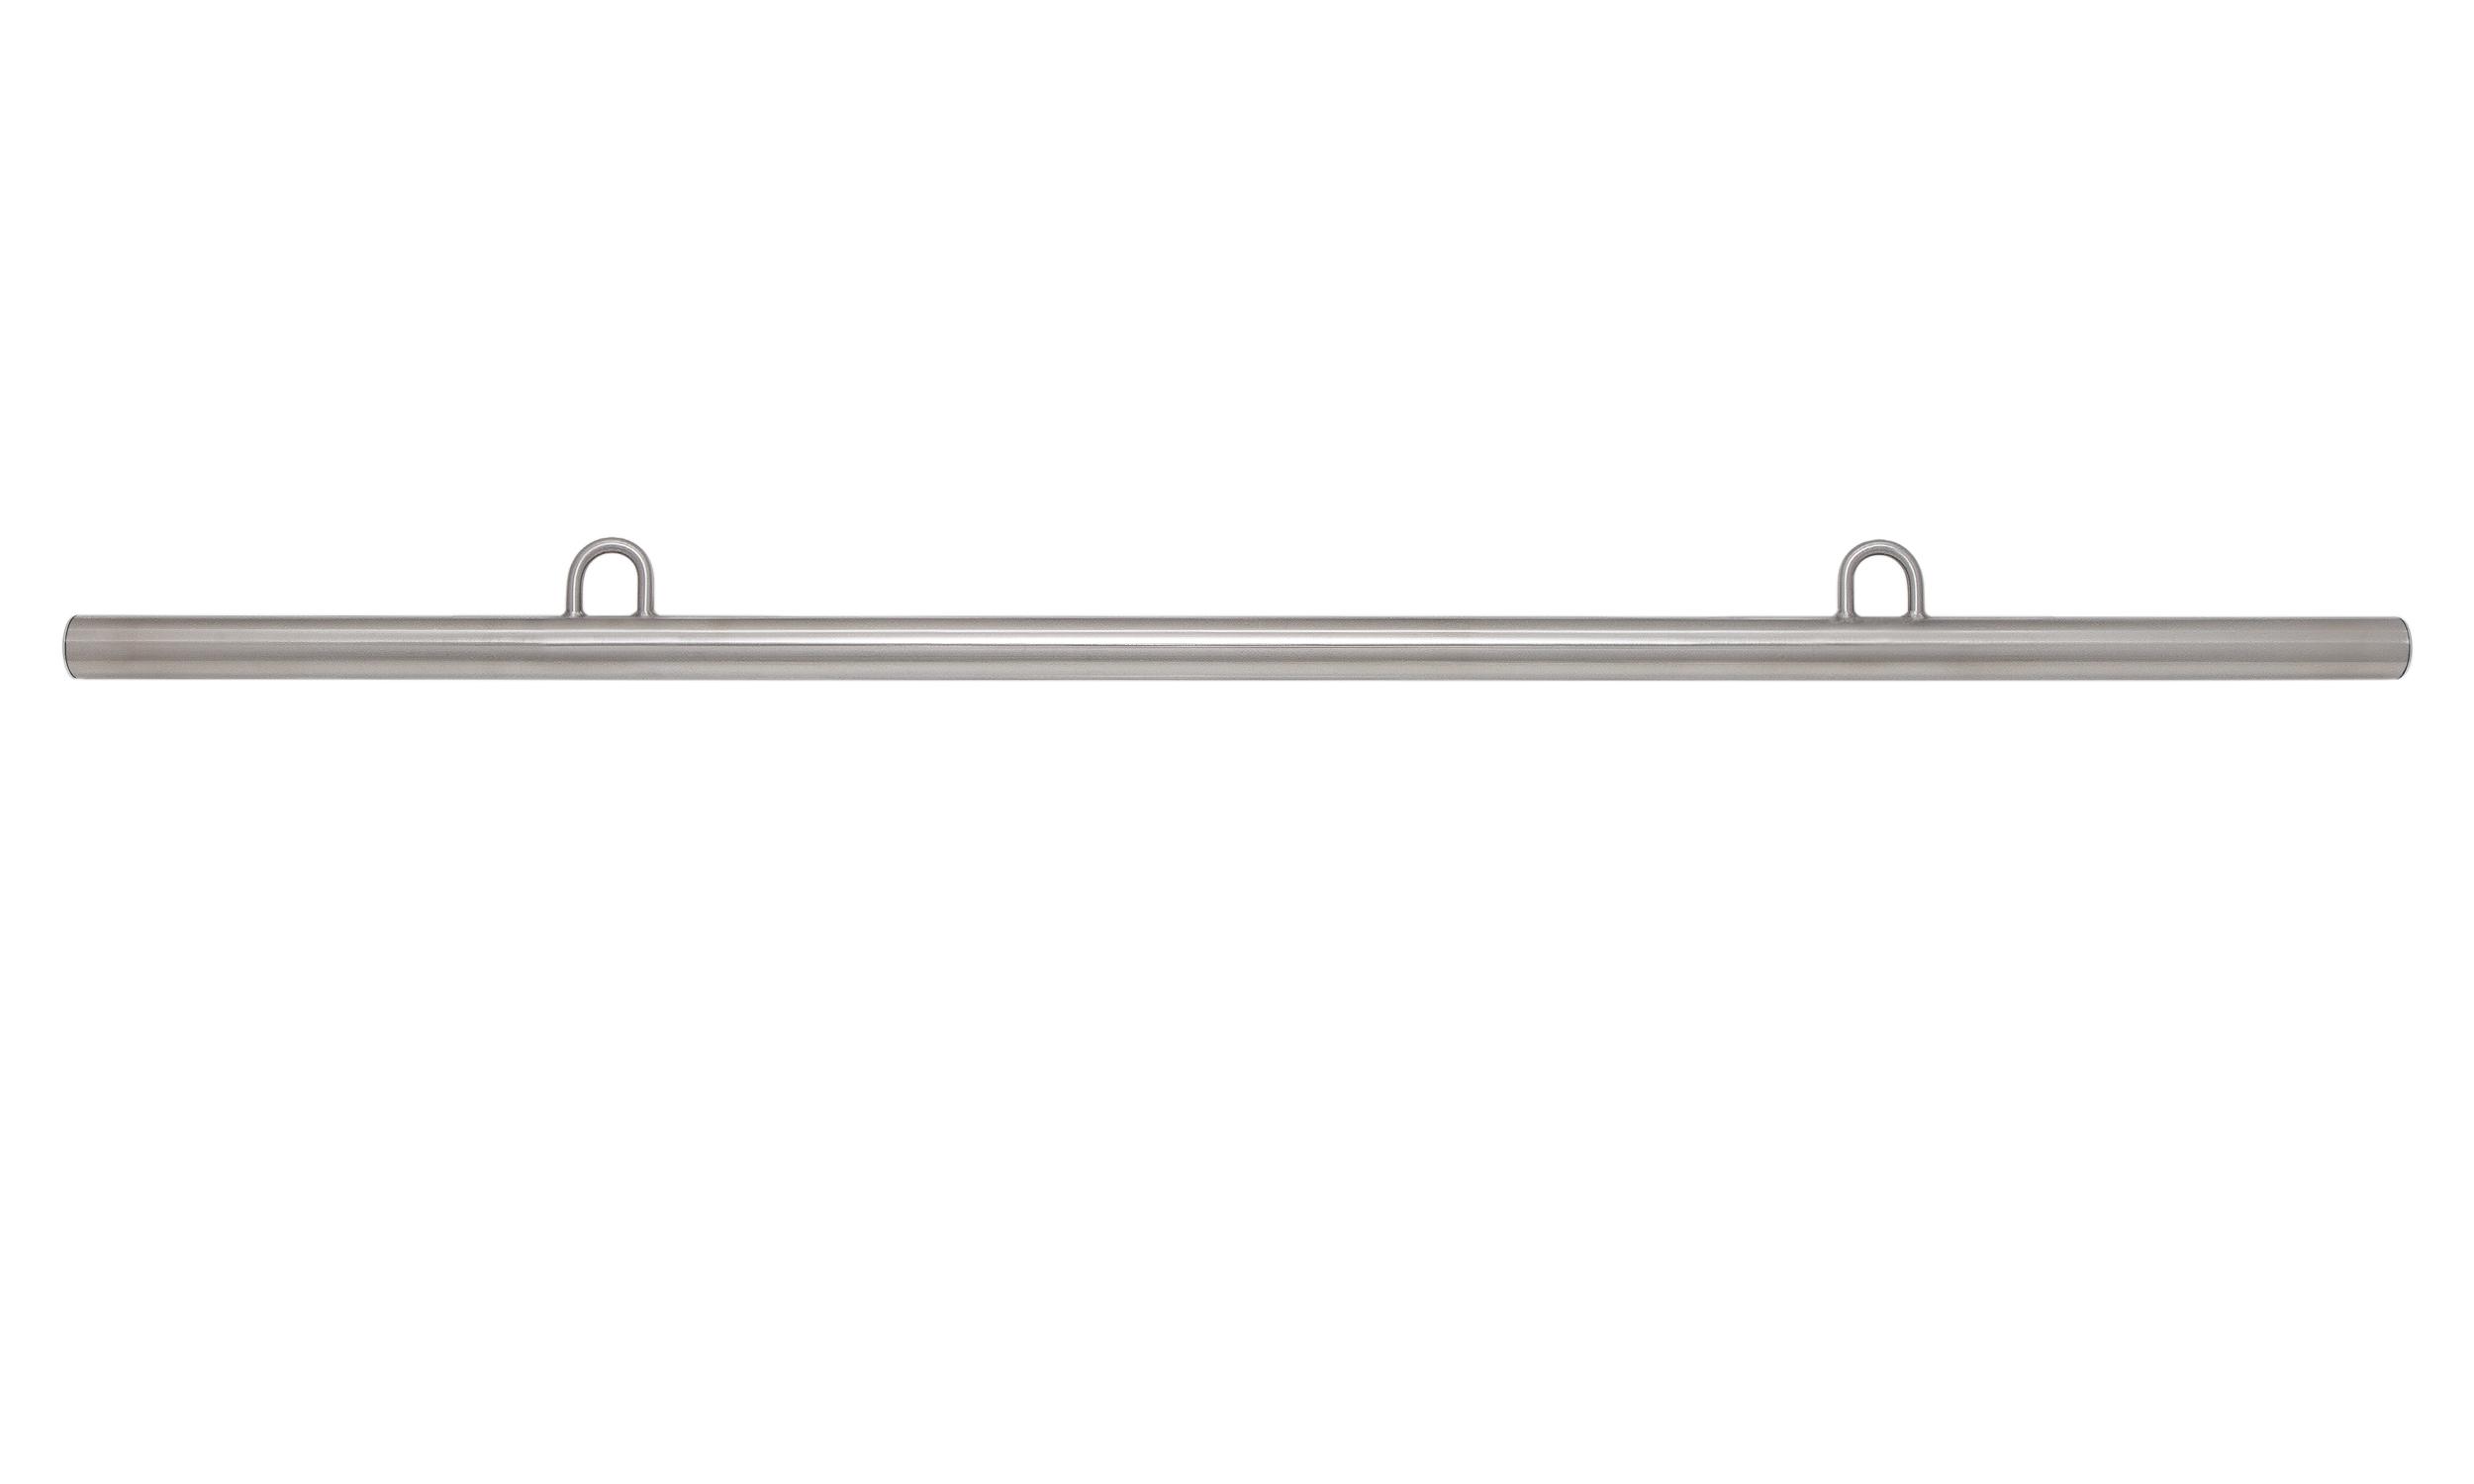 Klimmzugstange L3 - zum Aufhängen auf Seilen oder Gurten